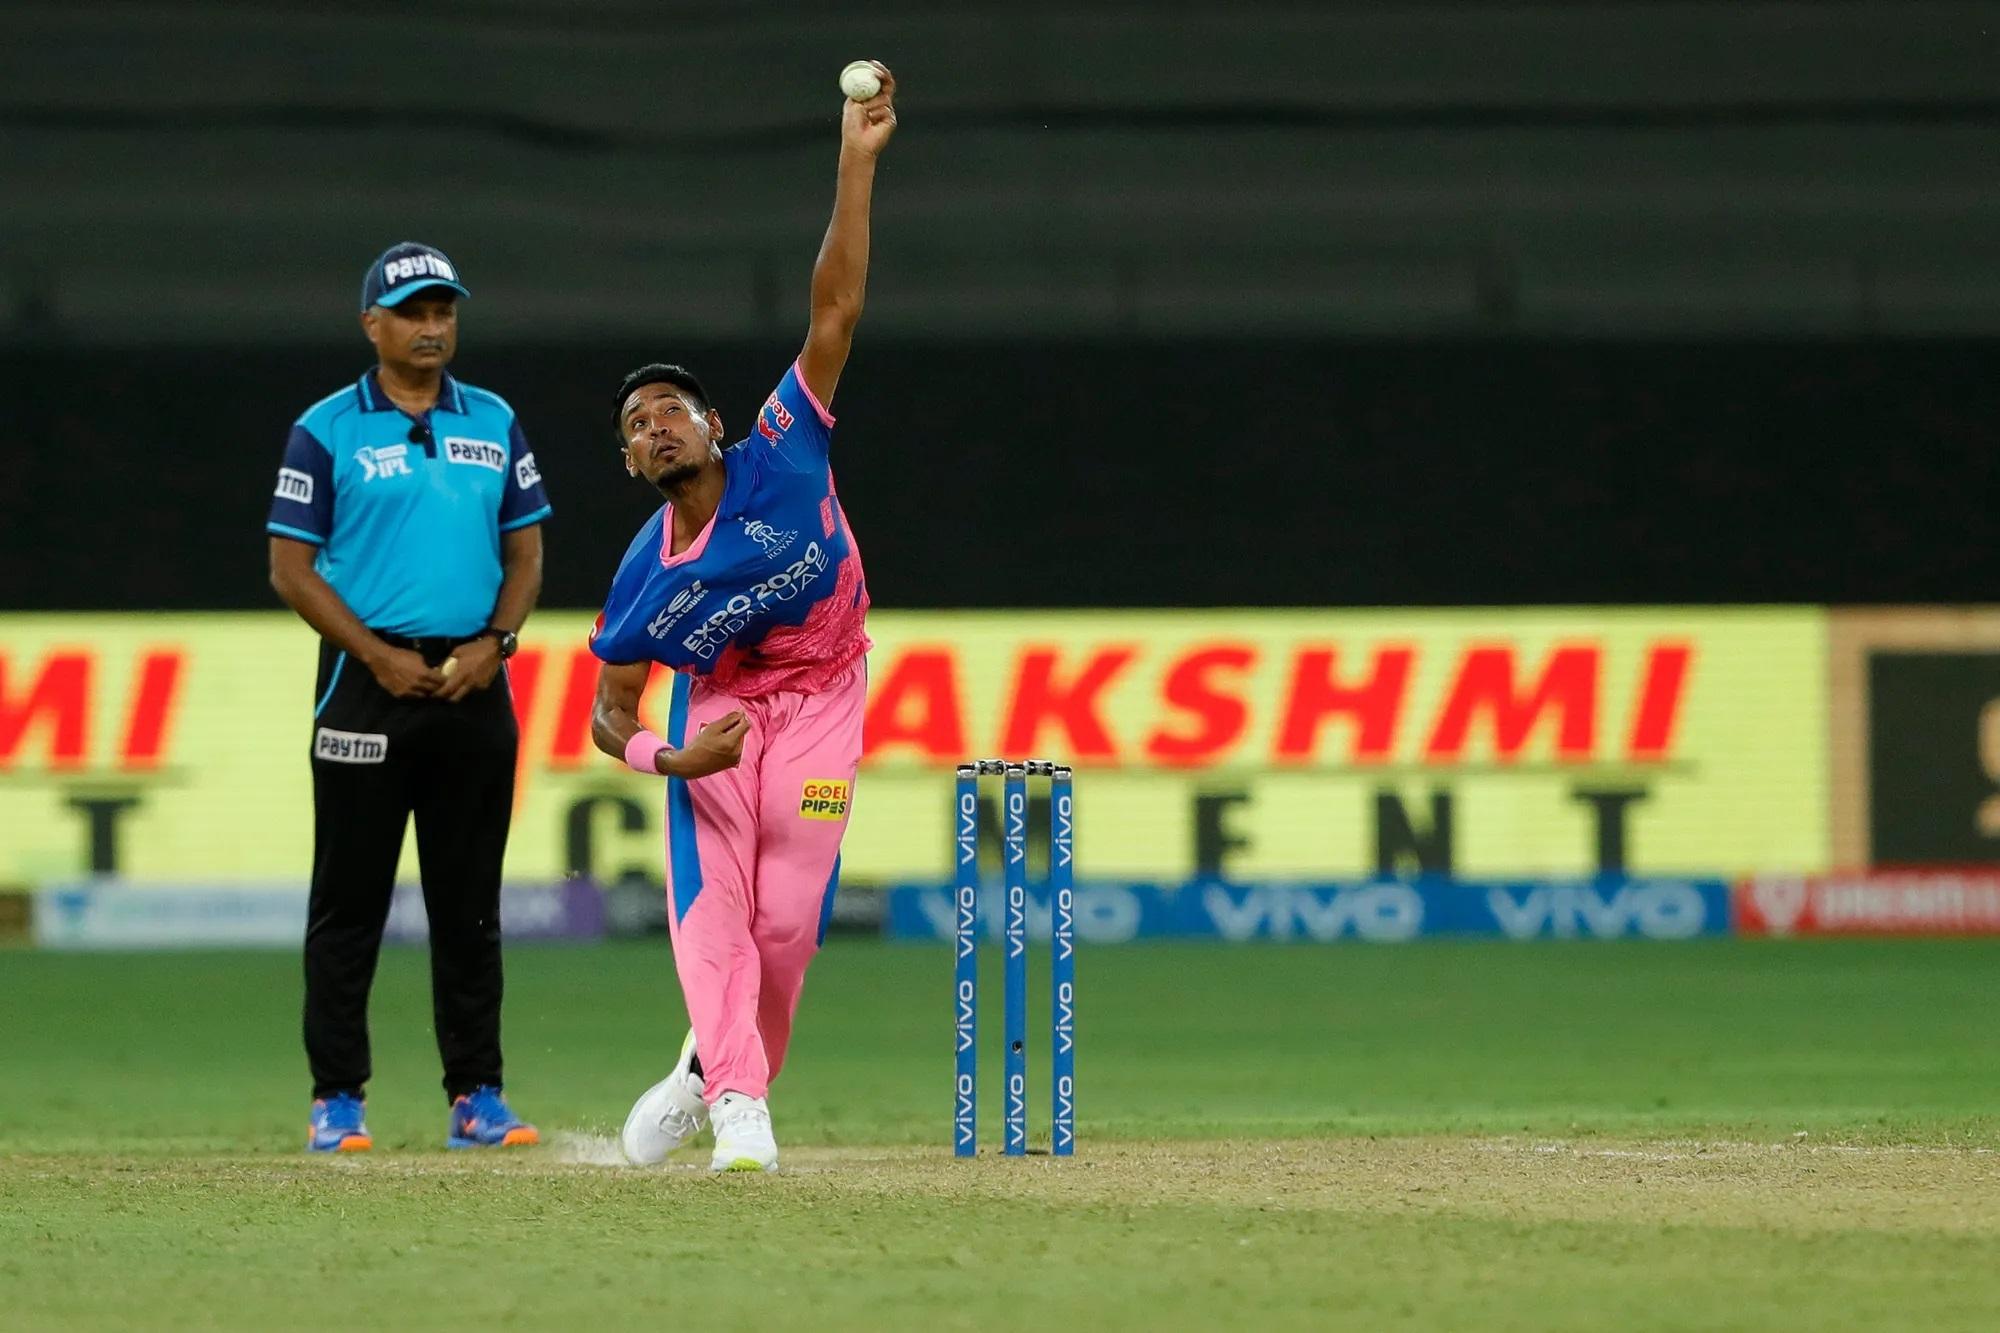 ये बांग्लादेशी बॉलर मुस्तफिजुर रहमान हैं। राजस्थान के लिए खेलते हैं। फास्ट बॉलिंग करते हैं, लेकिन मैच में उन्होंने प्रयोग किया और इतनी स्लोवर गेंद फेंक दी कि न बैट्समैन को समझ आई और न कीपर संजू सैमसन को। गेंद बॉलर के हाथ से निकलने के बाद सीधे बाउंड्री लाइन के पार चली गई। अंपायर ने बाई में 4 रन एड करने को कहा।